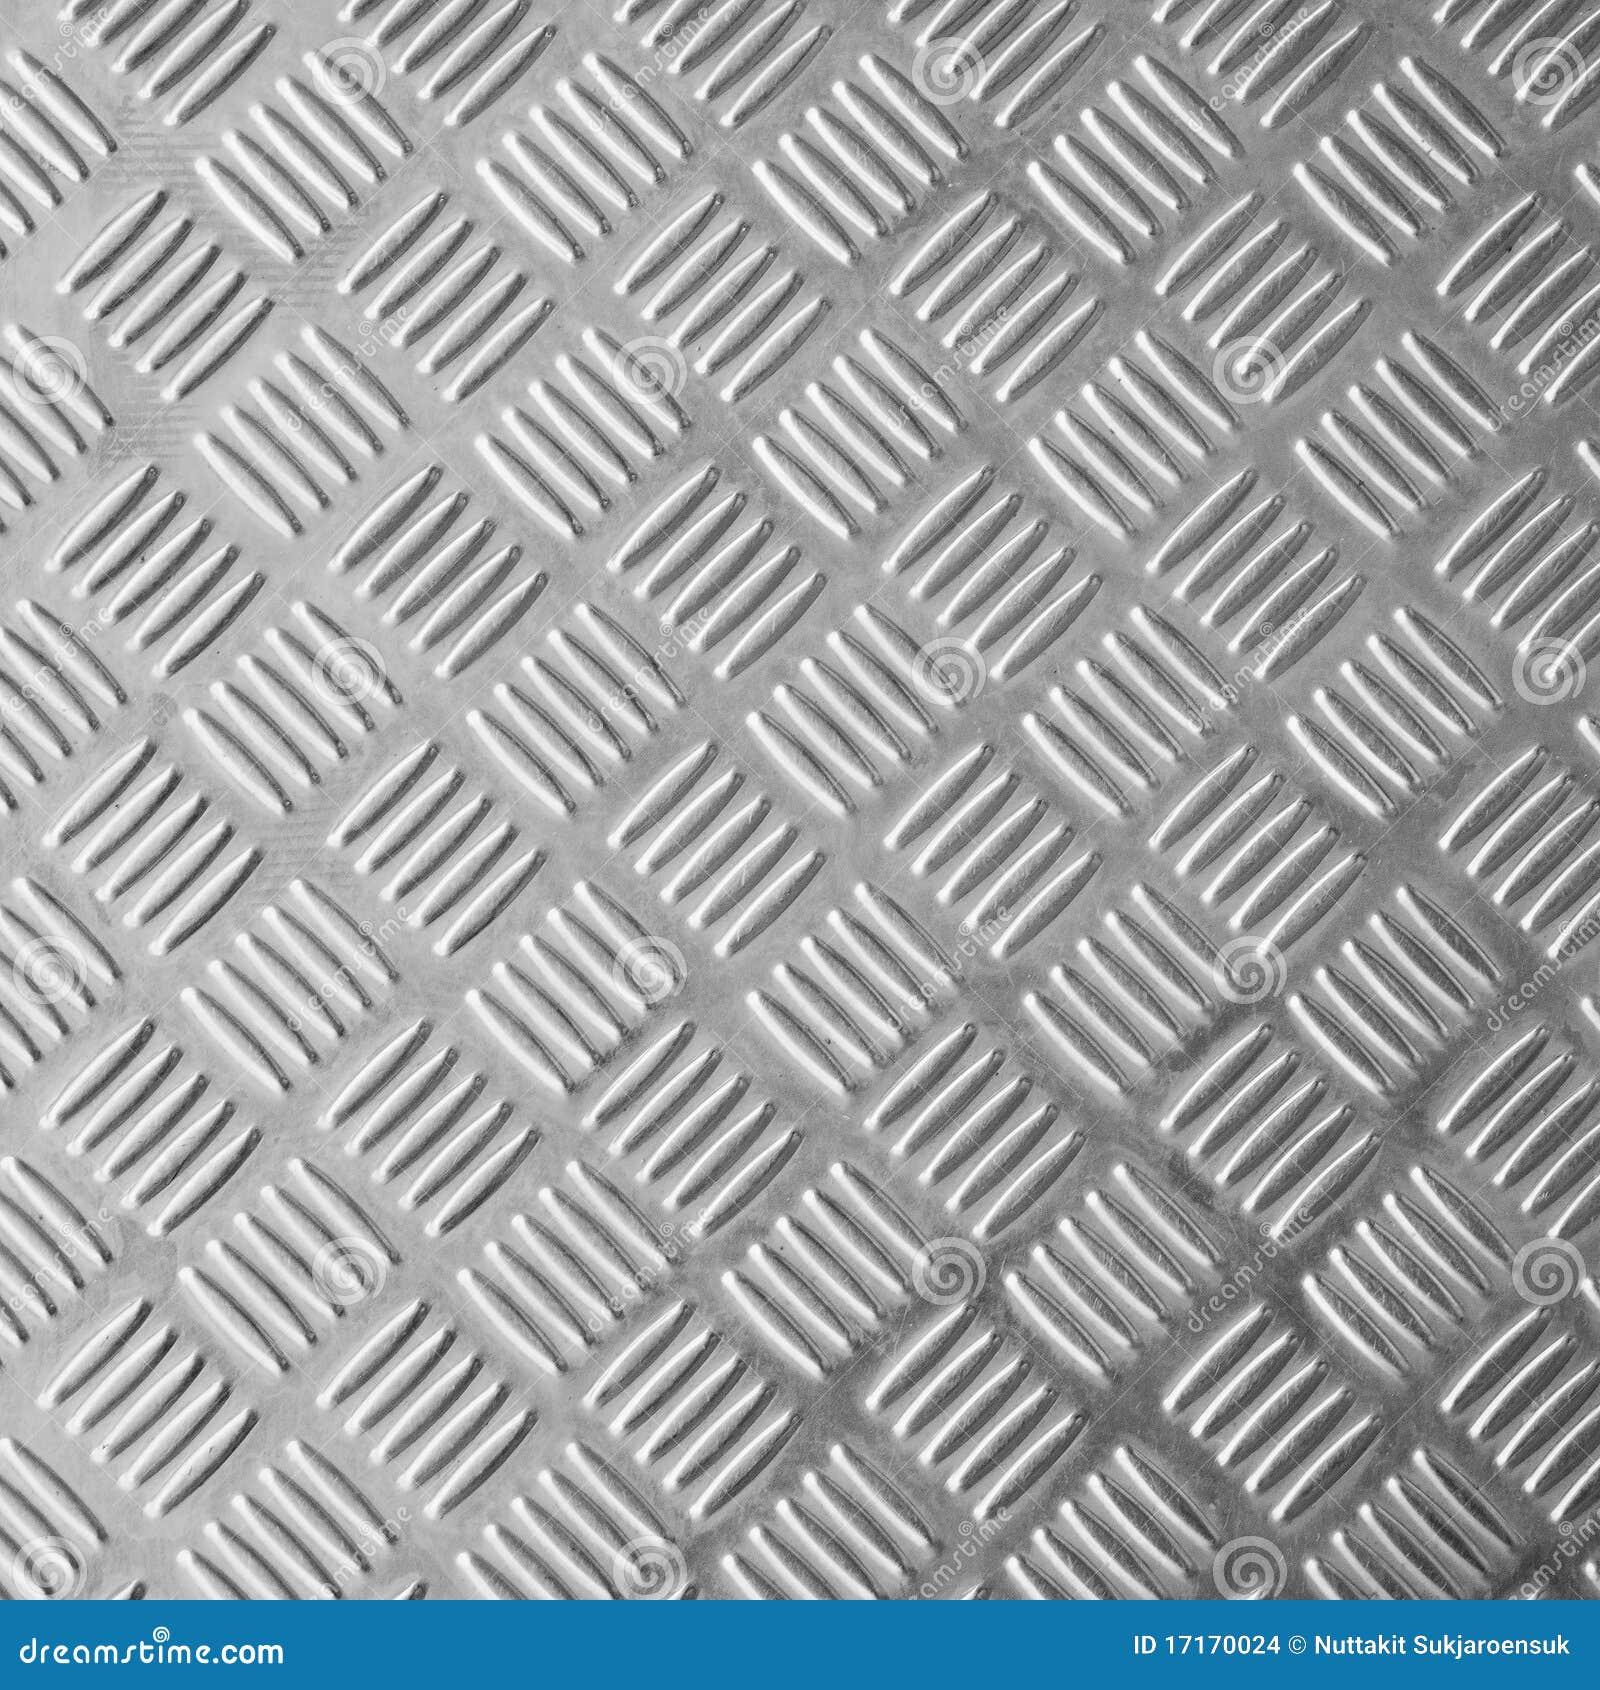 Placa de suelo brillante de acero inoxidable imagenes de - Figuras de acero inoxidable ...